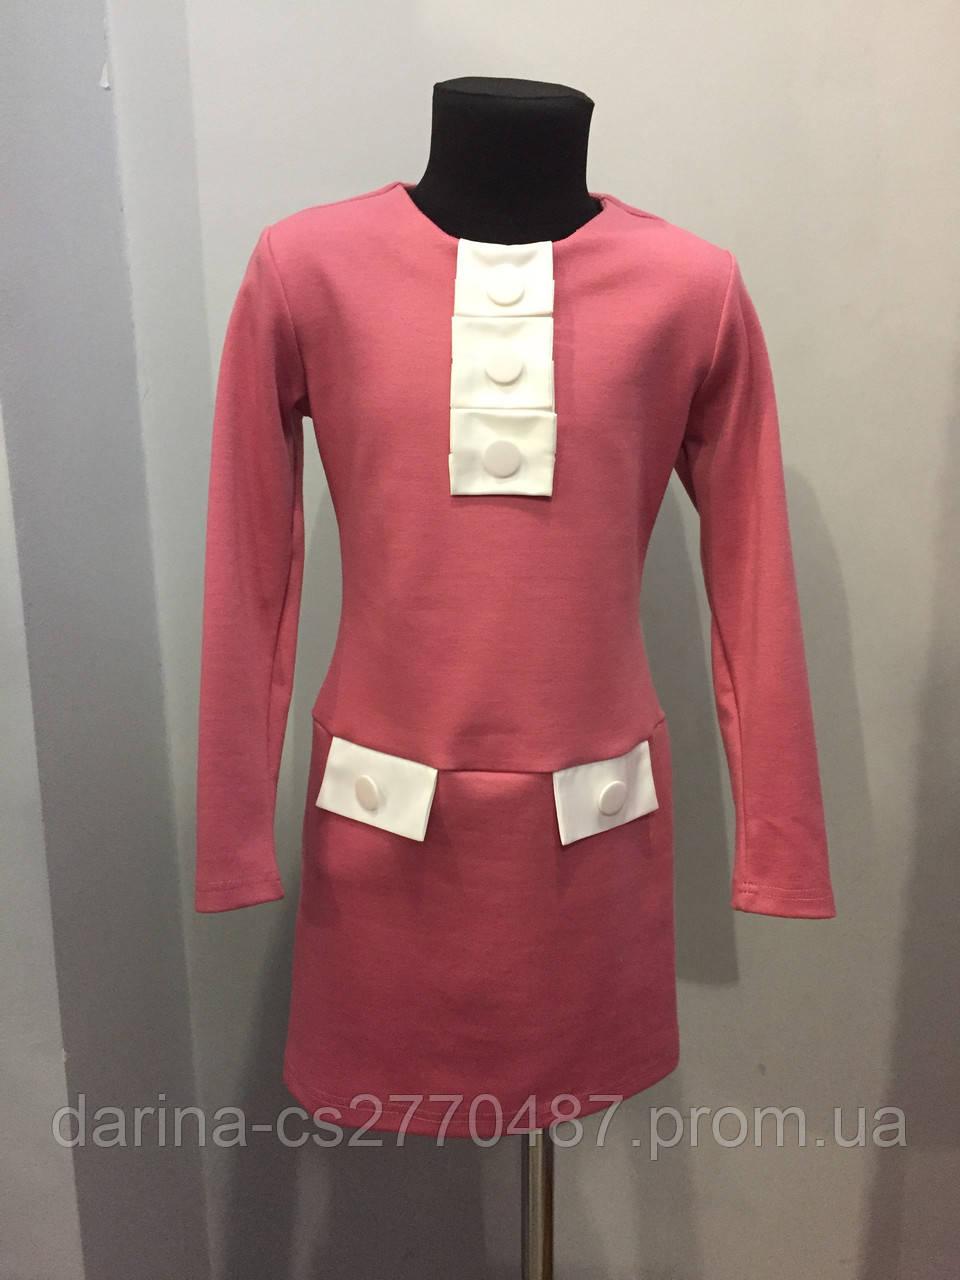 Платье для девочки с длинным рукавом 146 см